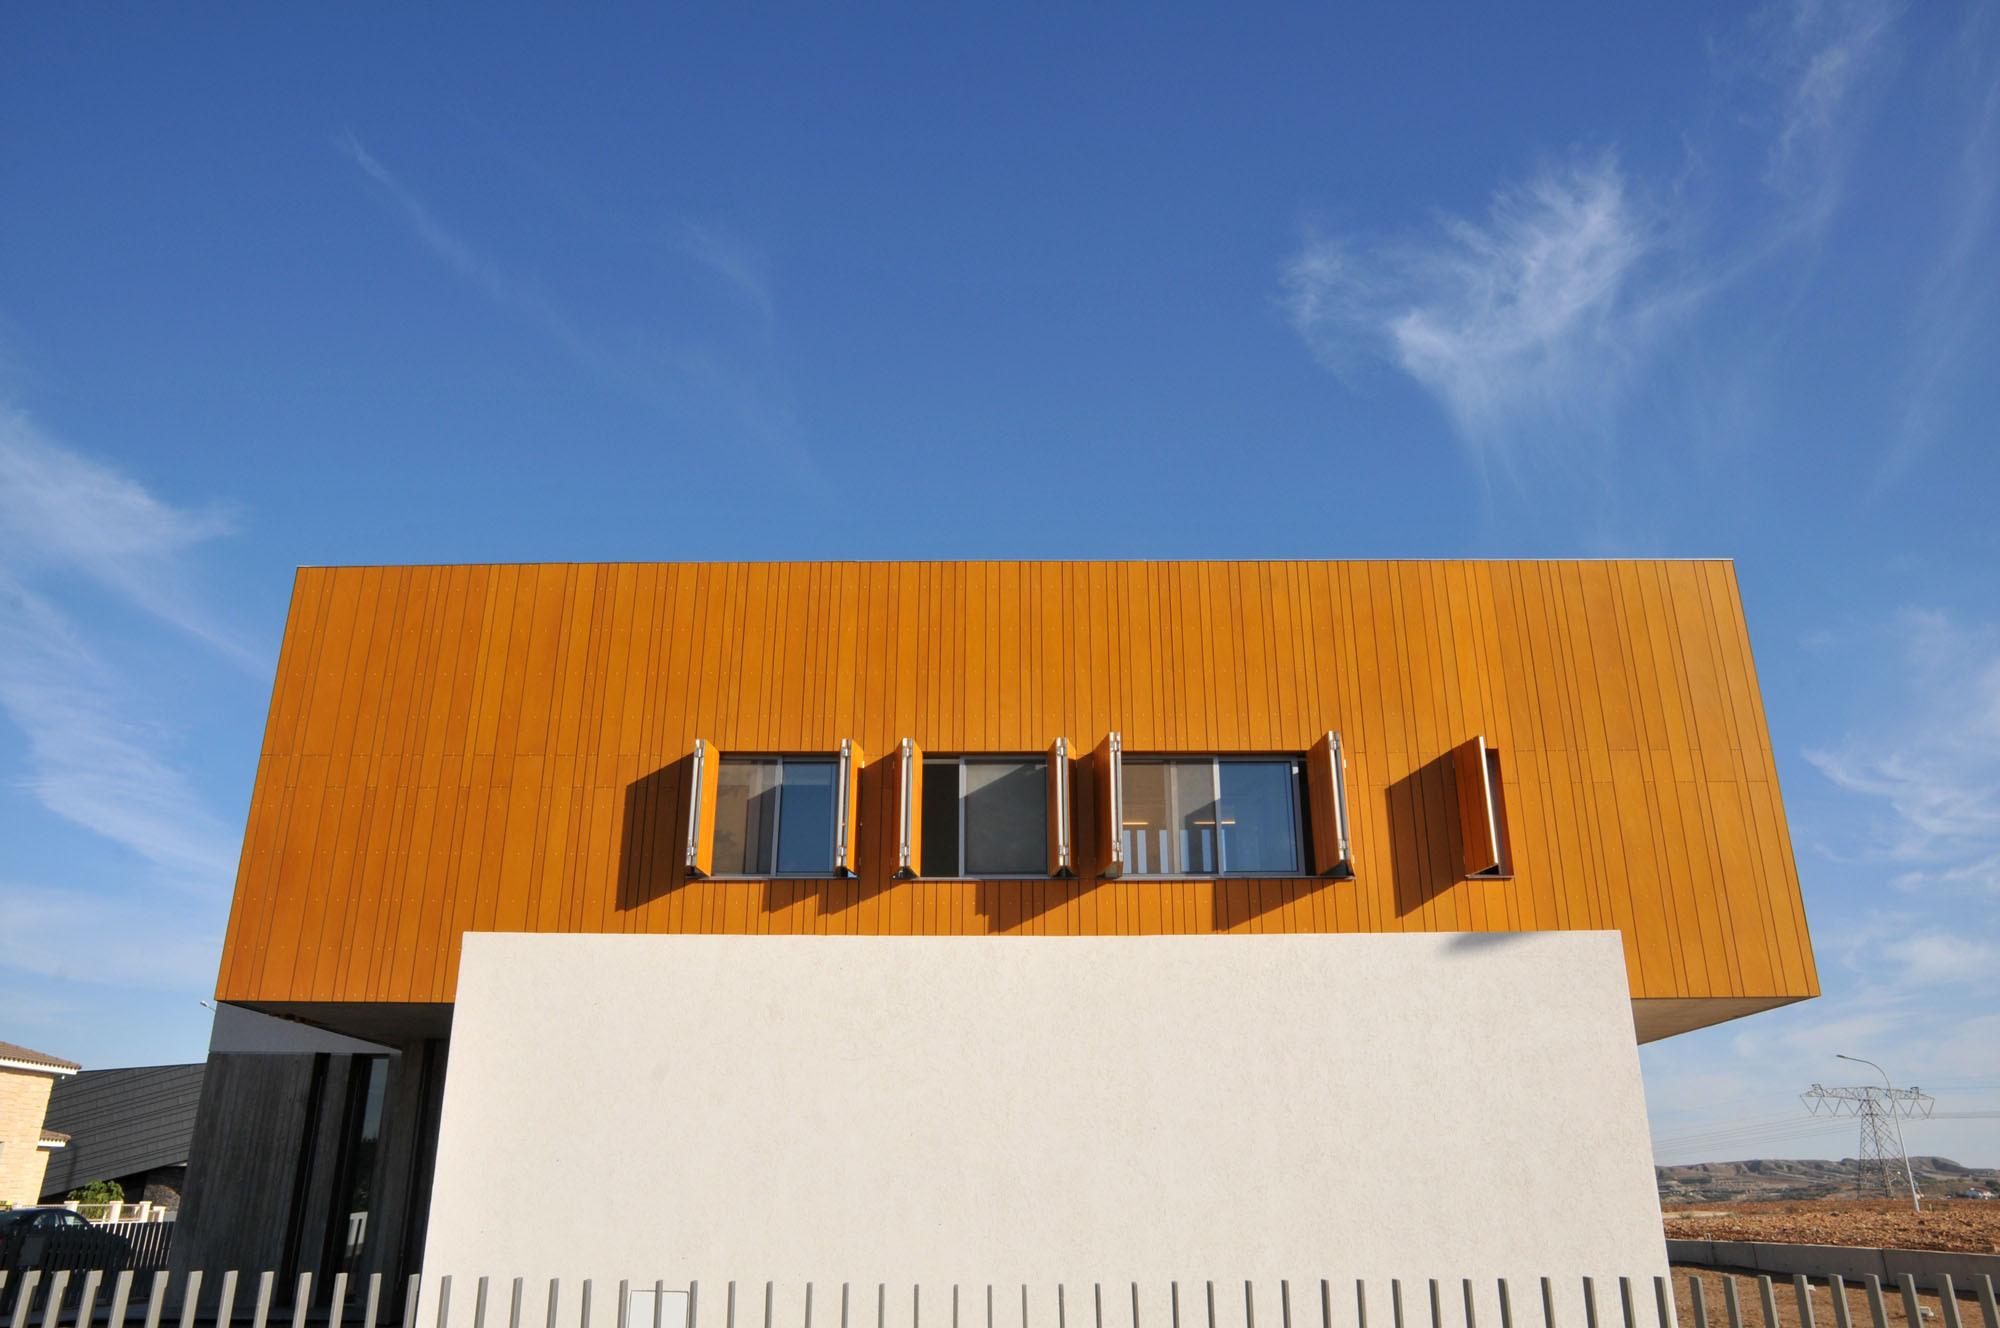 [PUERTAS / VENTANAS] Ventanas y puertas abatibles y plegables y puertas correderas en revit 5098913328ba0d03f00000f7_casa-0405-simpraxis-architects_3